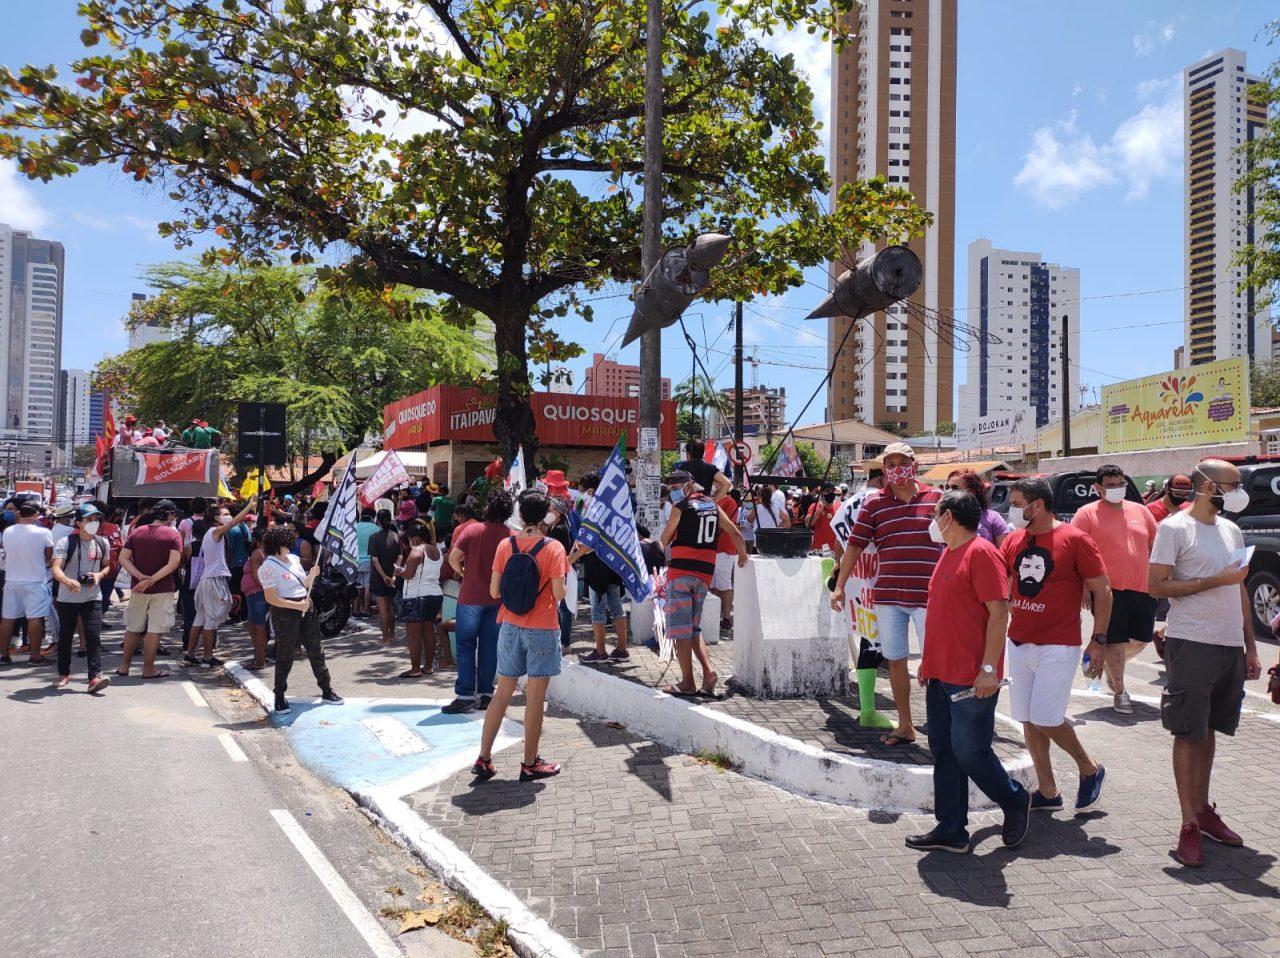 WhatsApp Image 2021 09 07 at 10.29.04 scaled - GRITO DOS EXCLUÍDOS: Manifestantes iniciam atos no Dia da Pátria em João Pessoa - VEJA VÍDEO